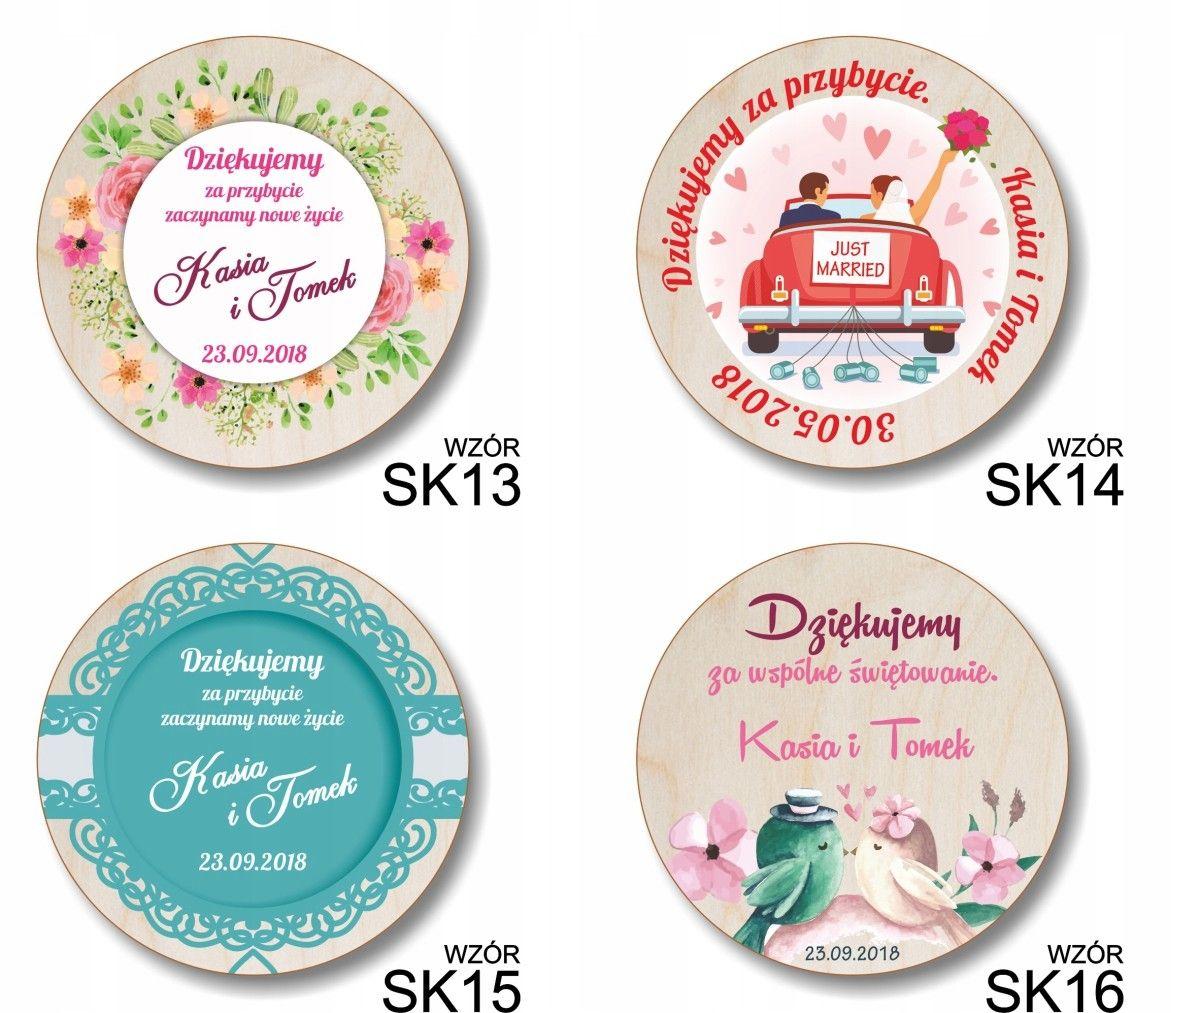 Podziekowania Gosci Slub Pamiatka Magnes Sklejka Decorative Plates Plates Home Decor